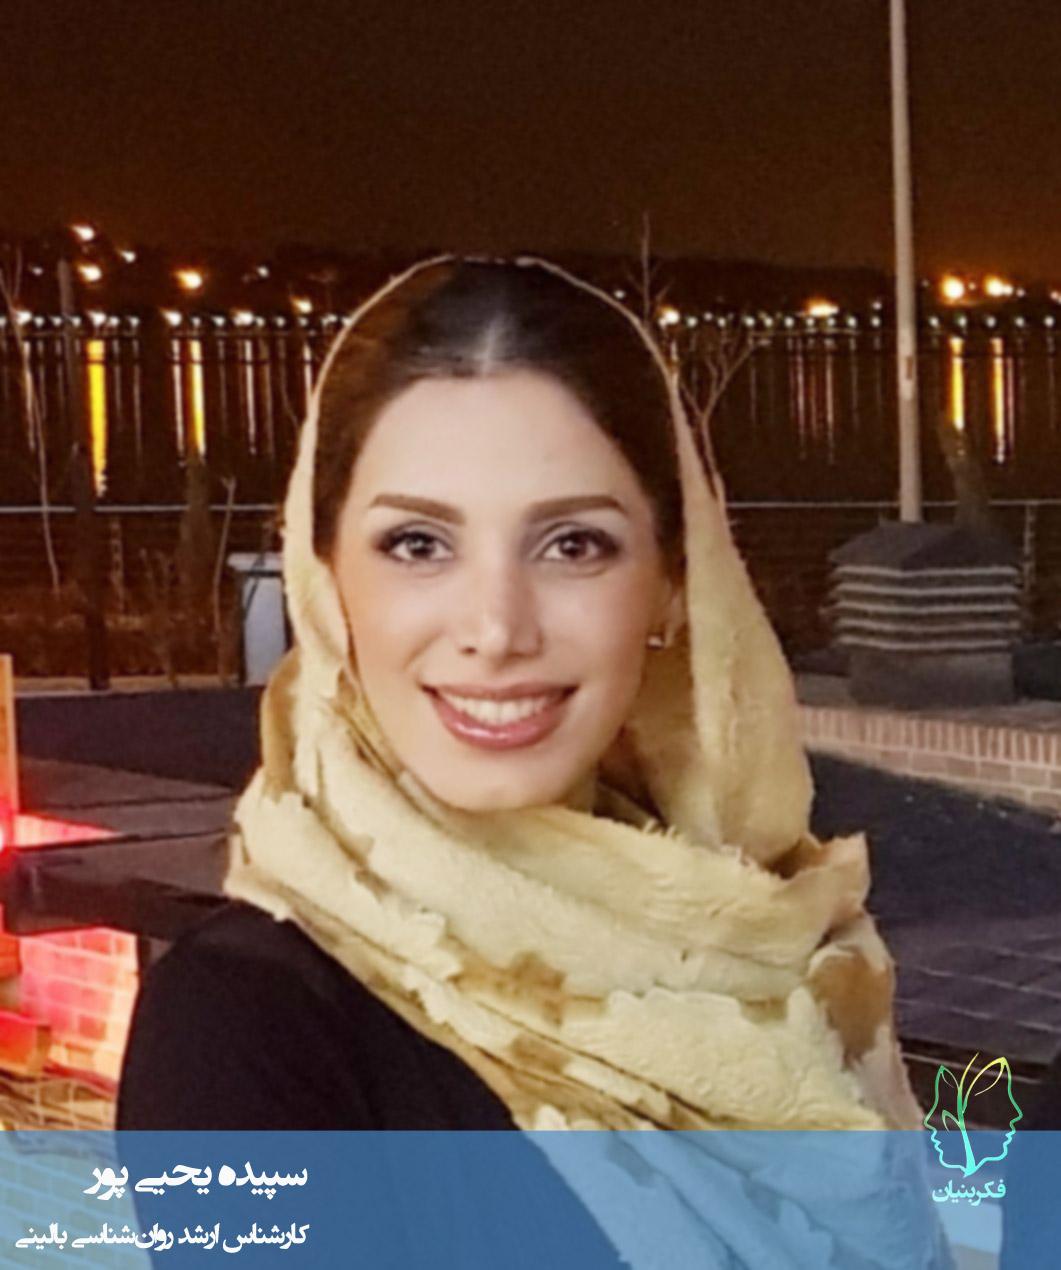 سپیده یحیی پور